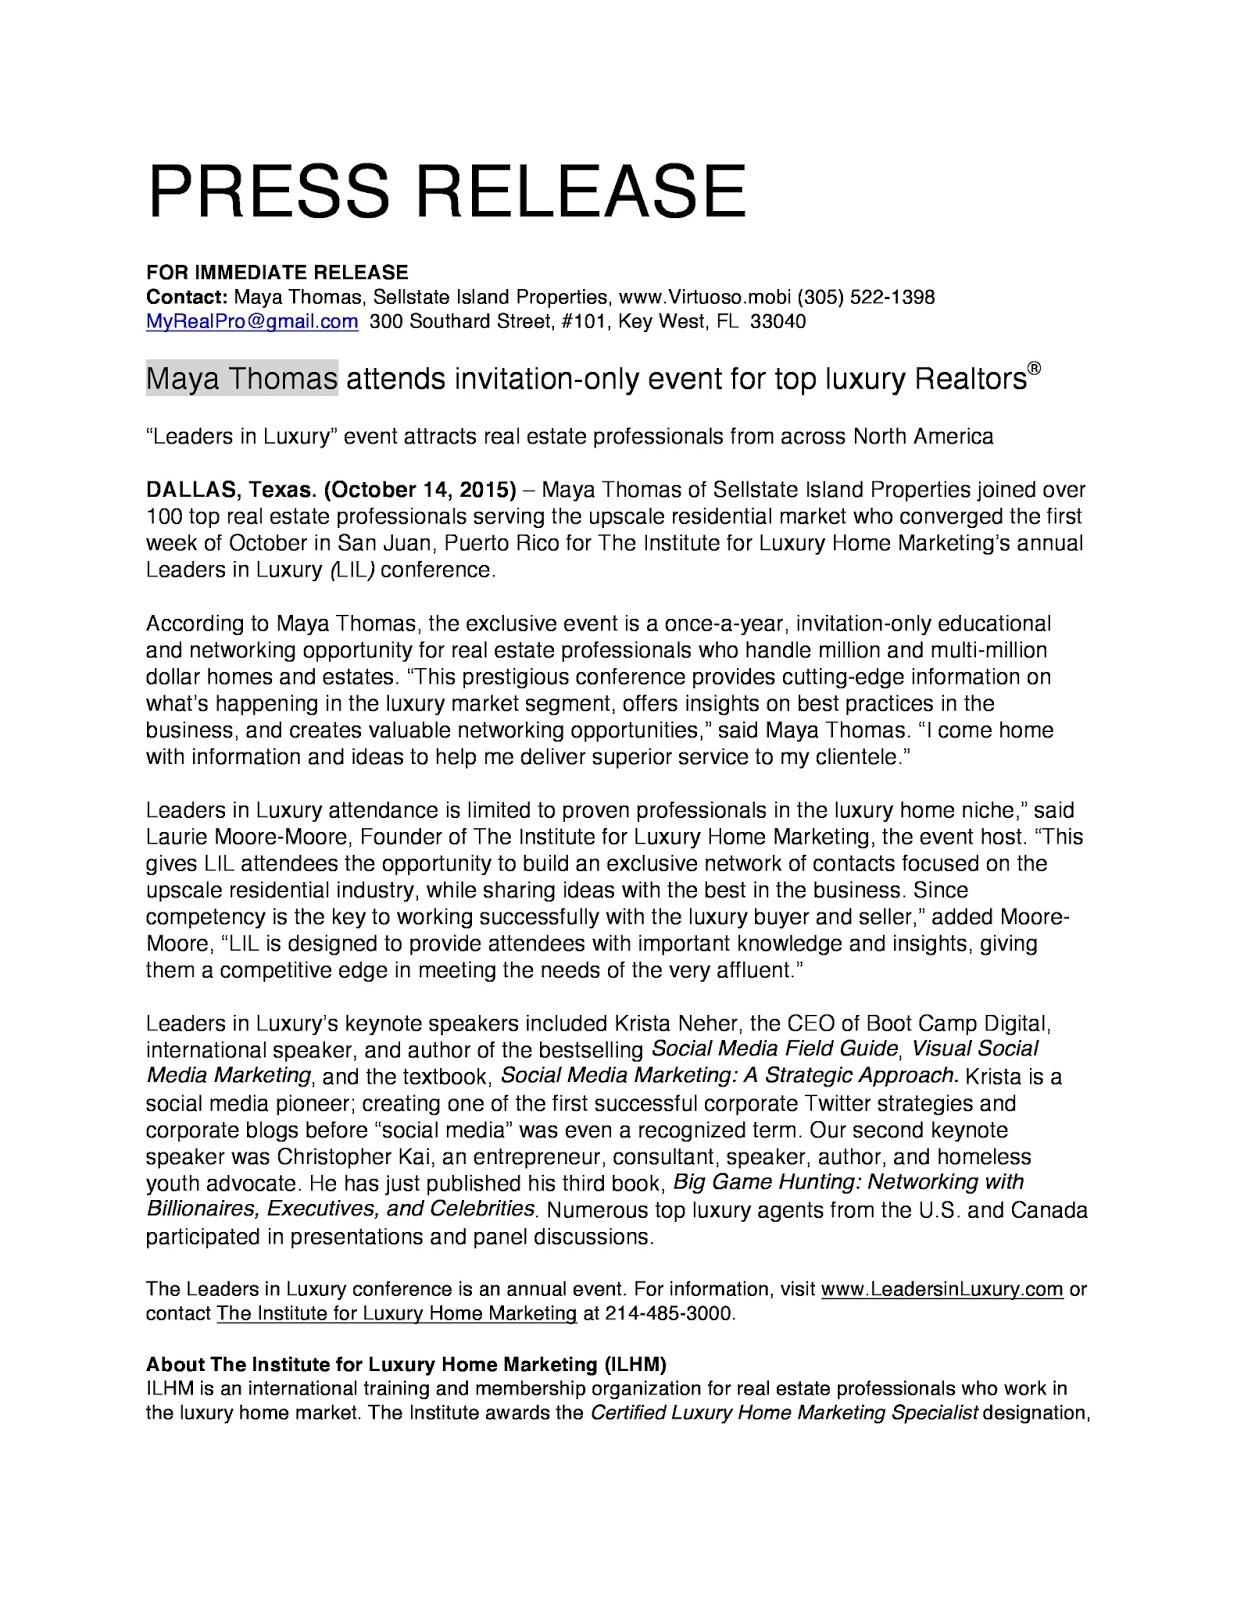 Maya Thomas Real Estate Broker Luxury Home Marketing Press Release Leaders  In Luxury